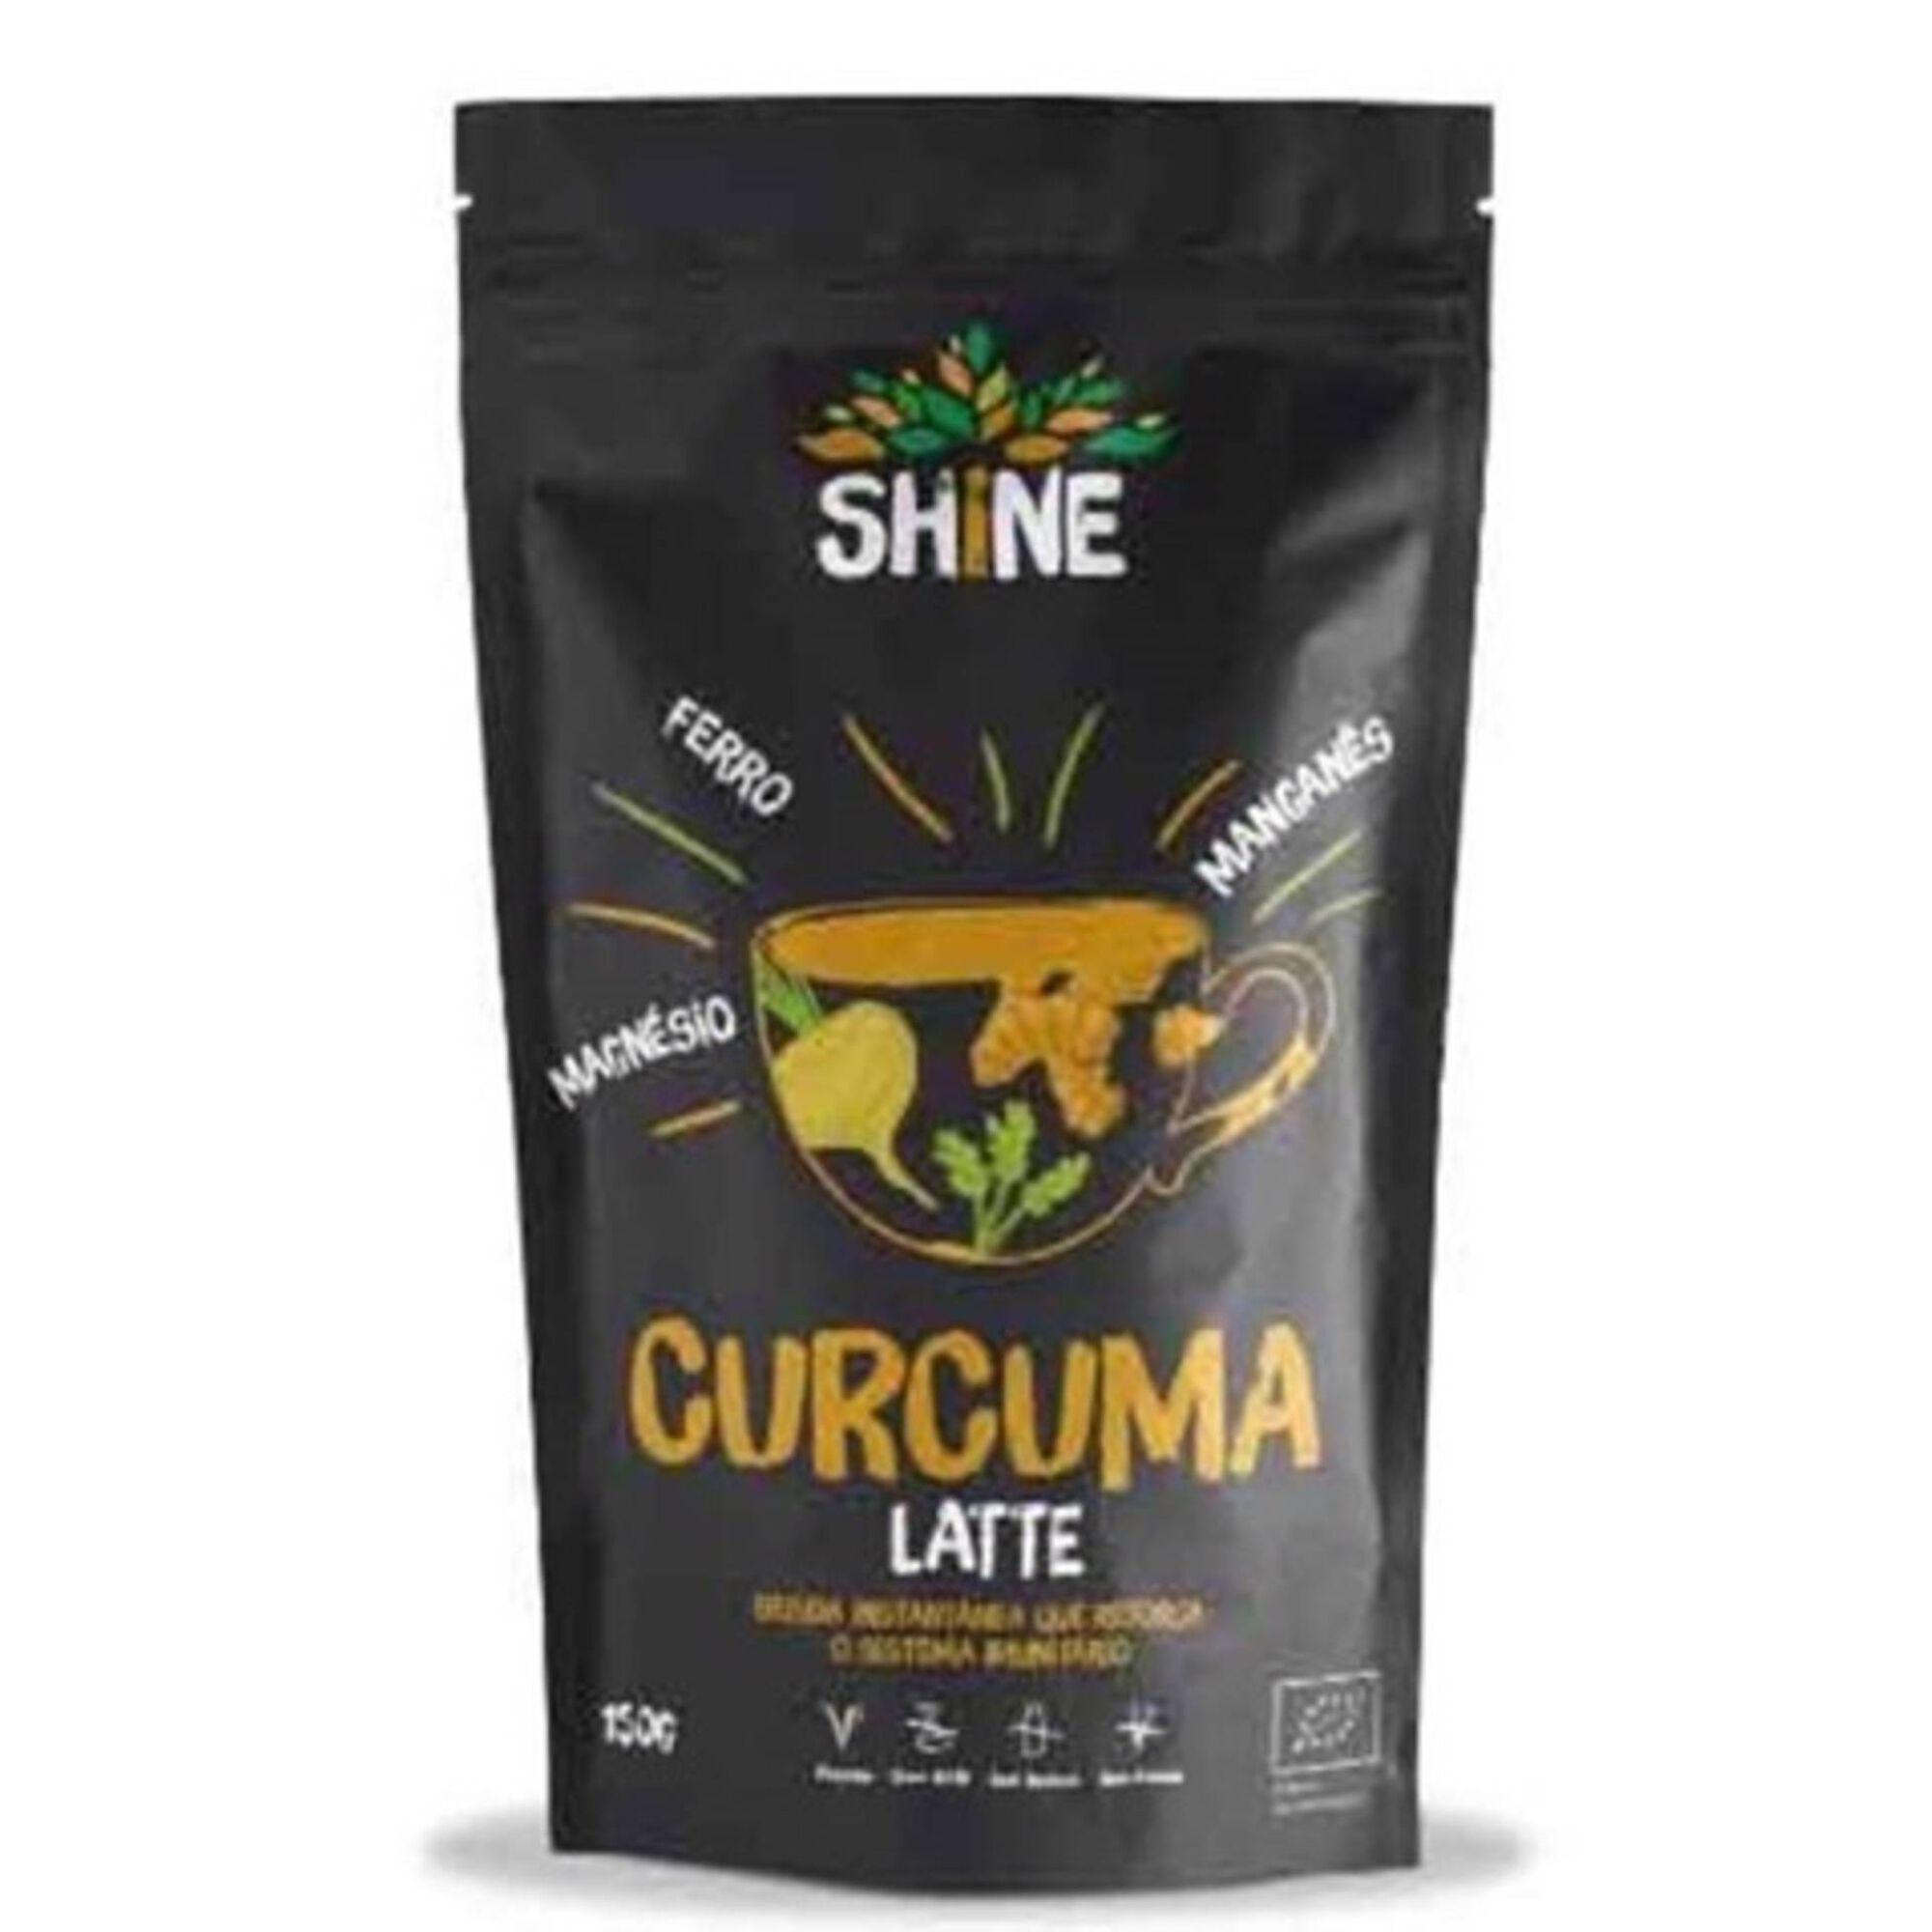 Curcuma Latte Biológica